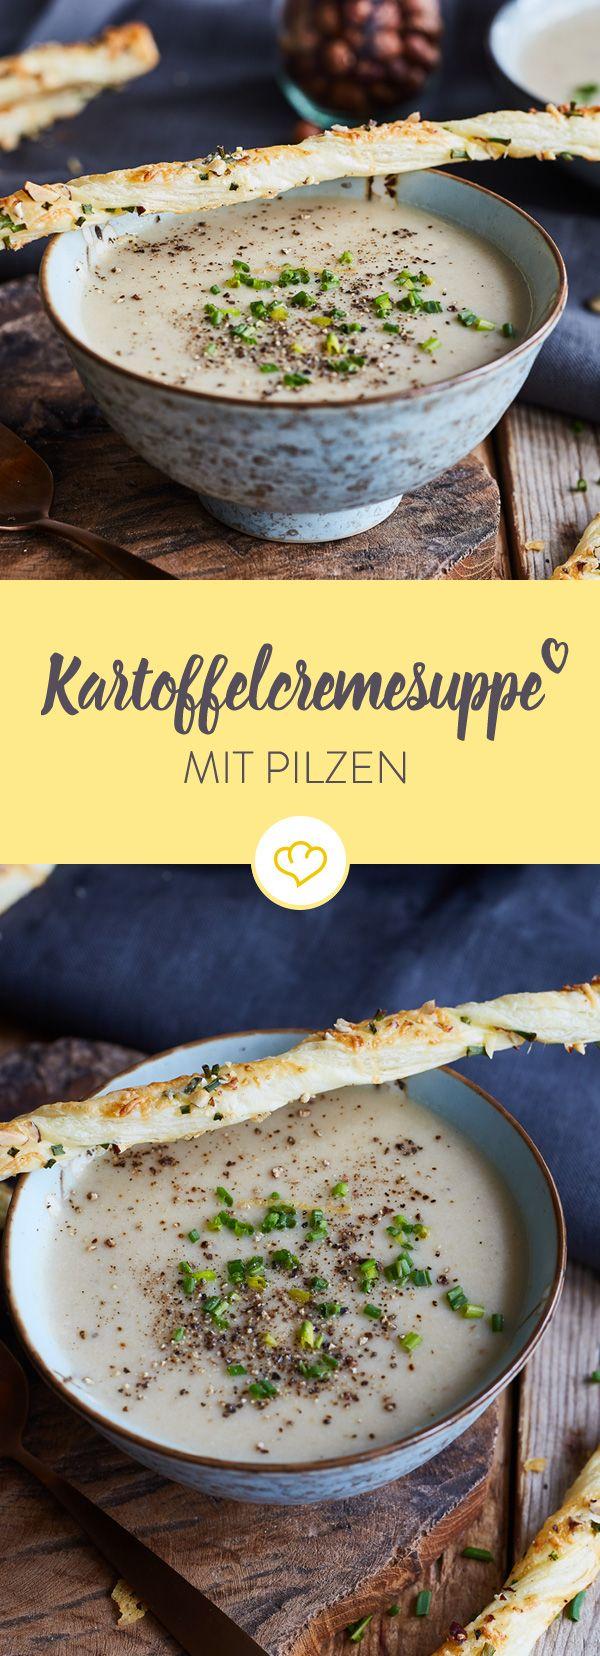 Tunken, knuspern, löffeln - die herbstliche Kartoffelcremesuppe erhält durch aromatische Pilze und feine Knusperstangen eine besonders elegante Note.